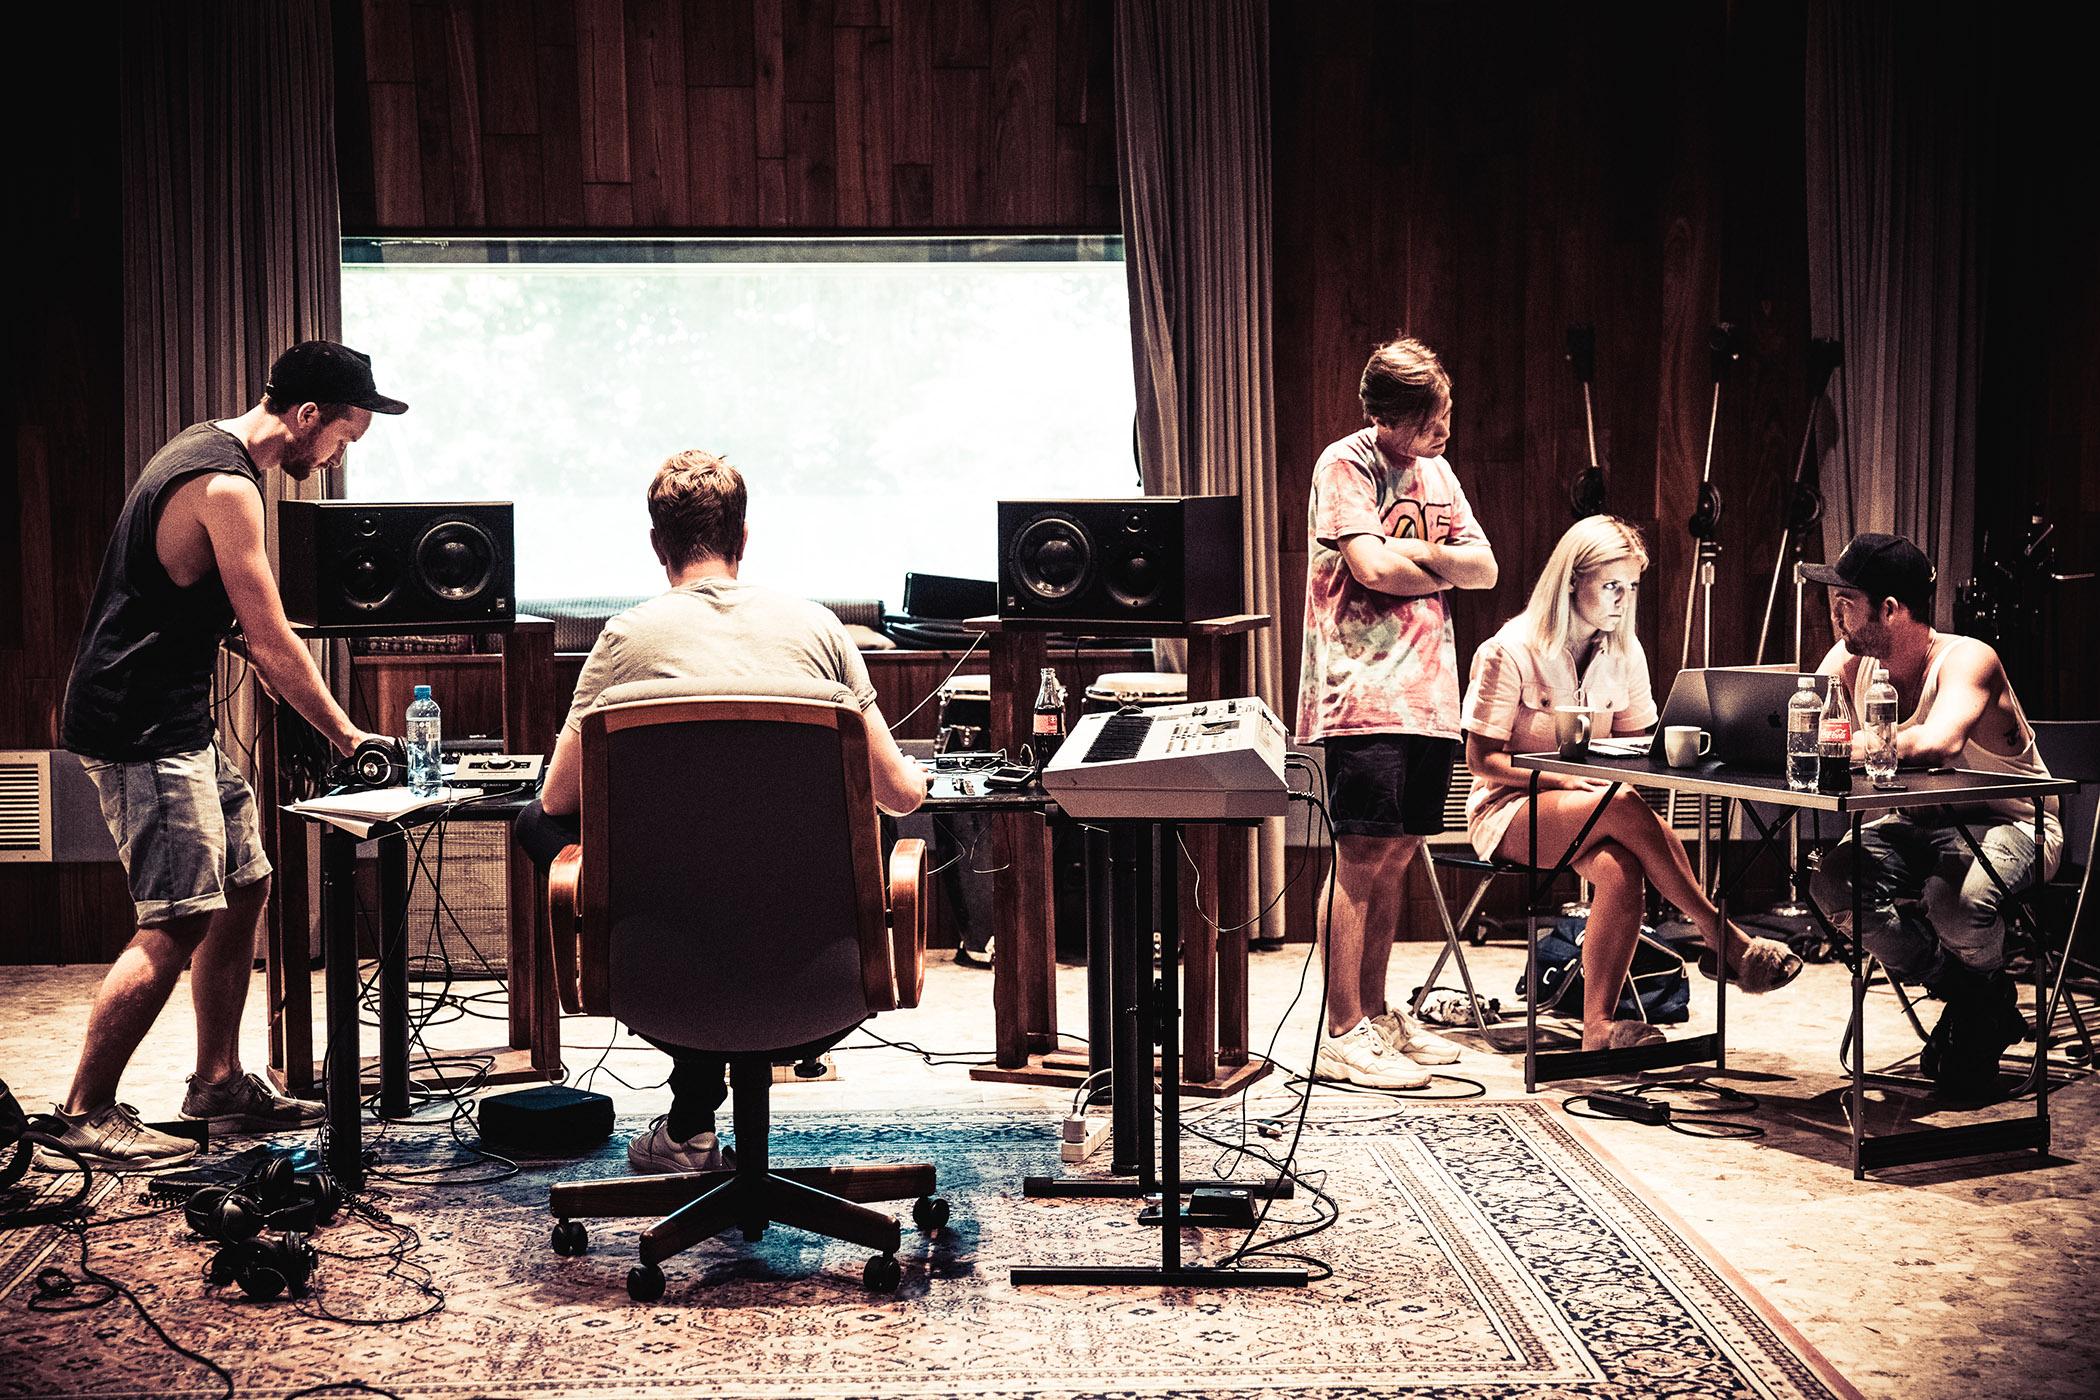 Camp de composition de chansons SUISA 2021: dès à présent, les membres de SUISA peuvent postuler